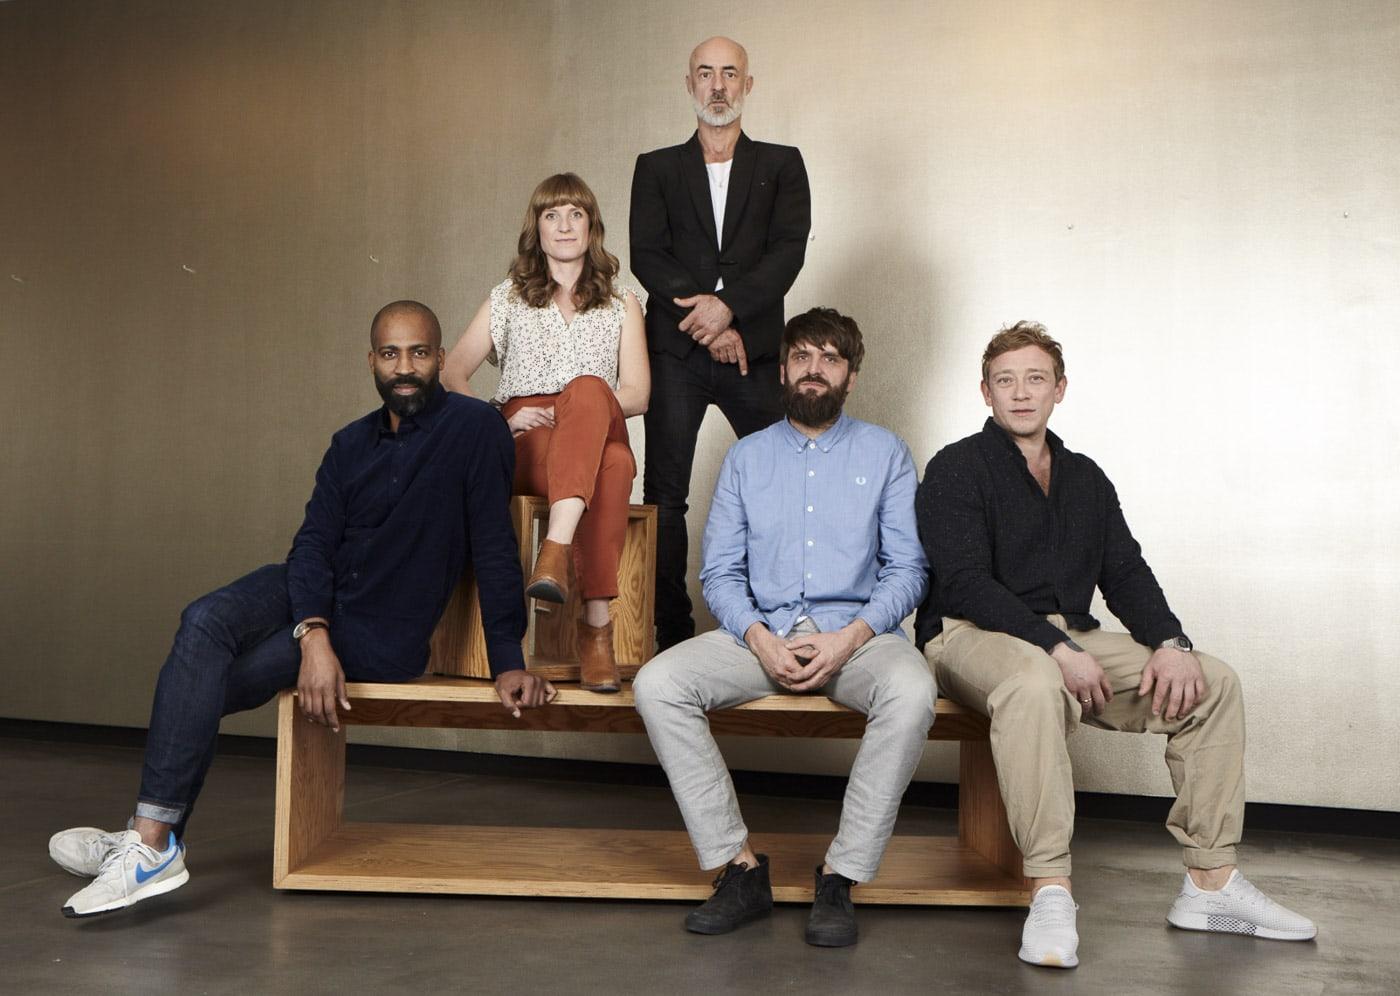 Interiordesigner, Tonia Welter, Chris Glass, Thies Wulf, Henry Siering, Florian Münich, Portrait, Funktion und Design aus Berlin